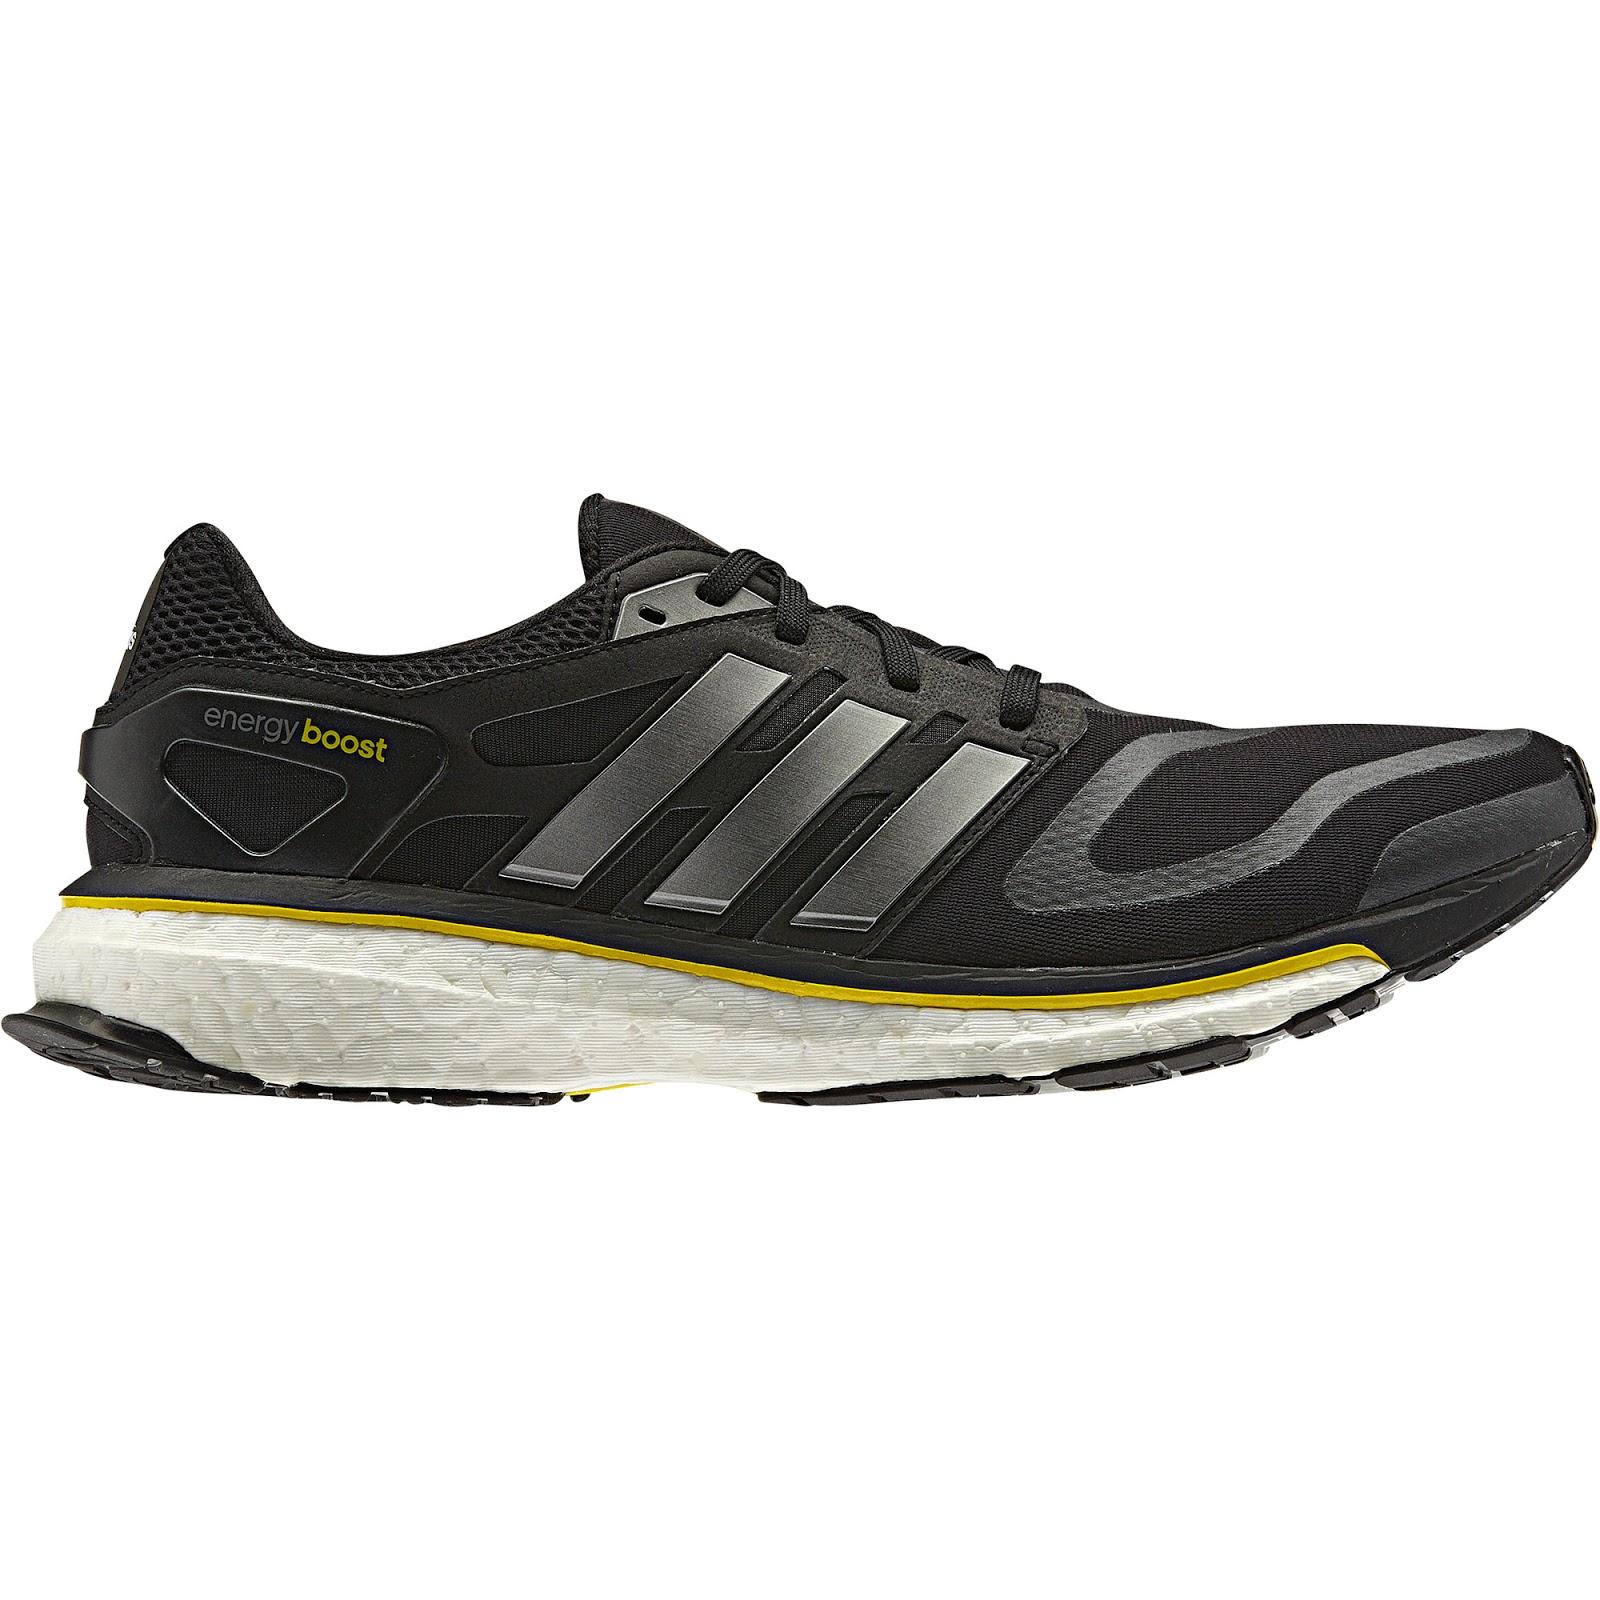 ... andiamo a vedere il design di queste scarpe che sono disponibili in 3  diverse ma tutte bellissime colorazioni per il modello da uomo (Peso  270  g)  1973737ec9a